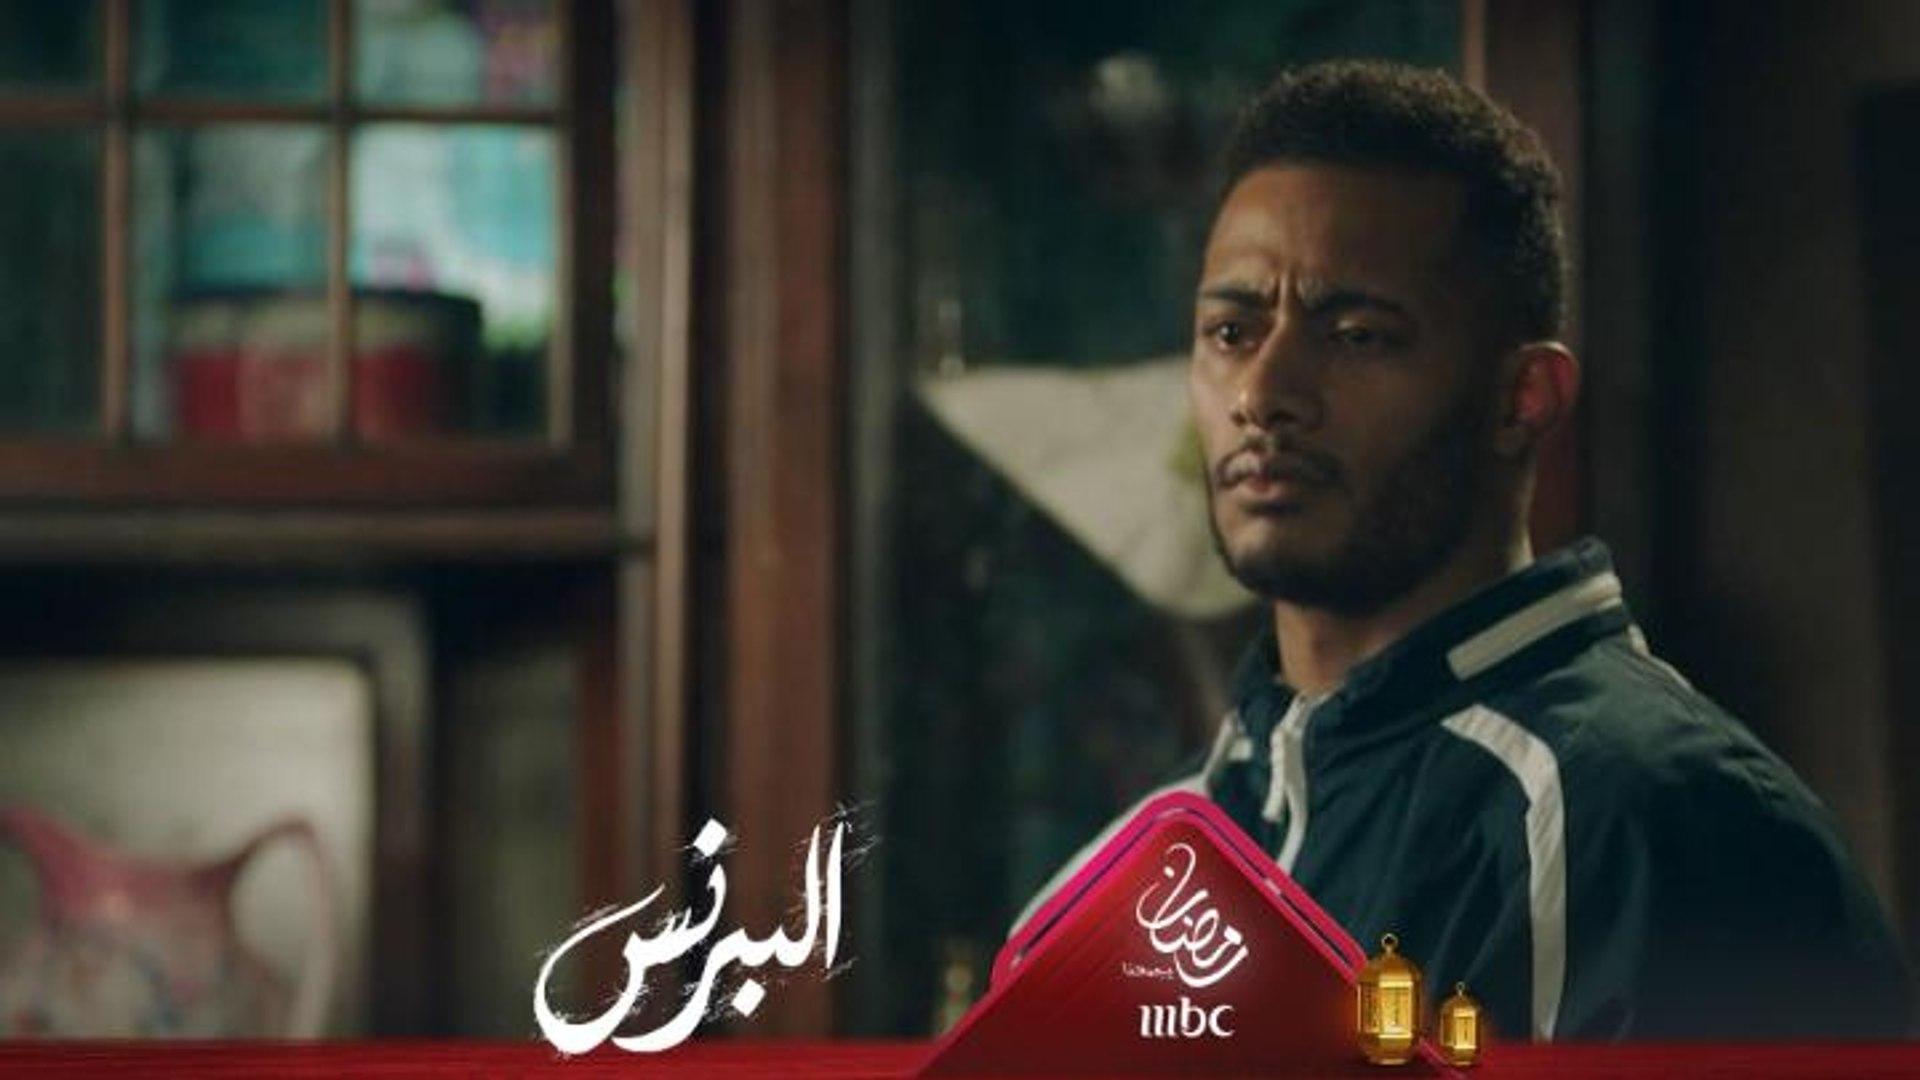 أحداث قوية لا تفوتكم في مسلسل #البرنس .. يومياً الـ 9 مساءً بتوقيت السعودية على #MBC1